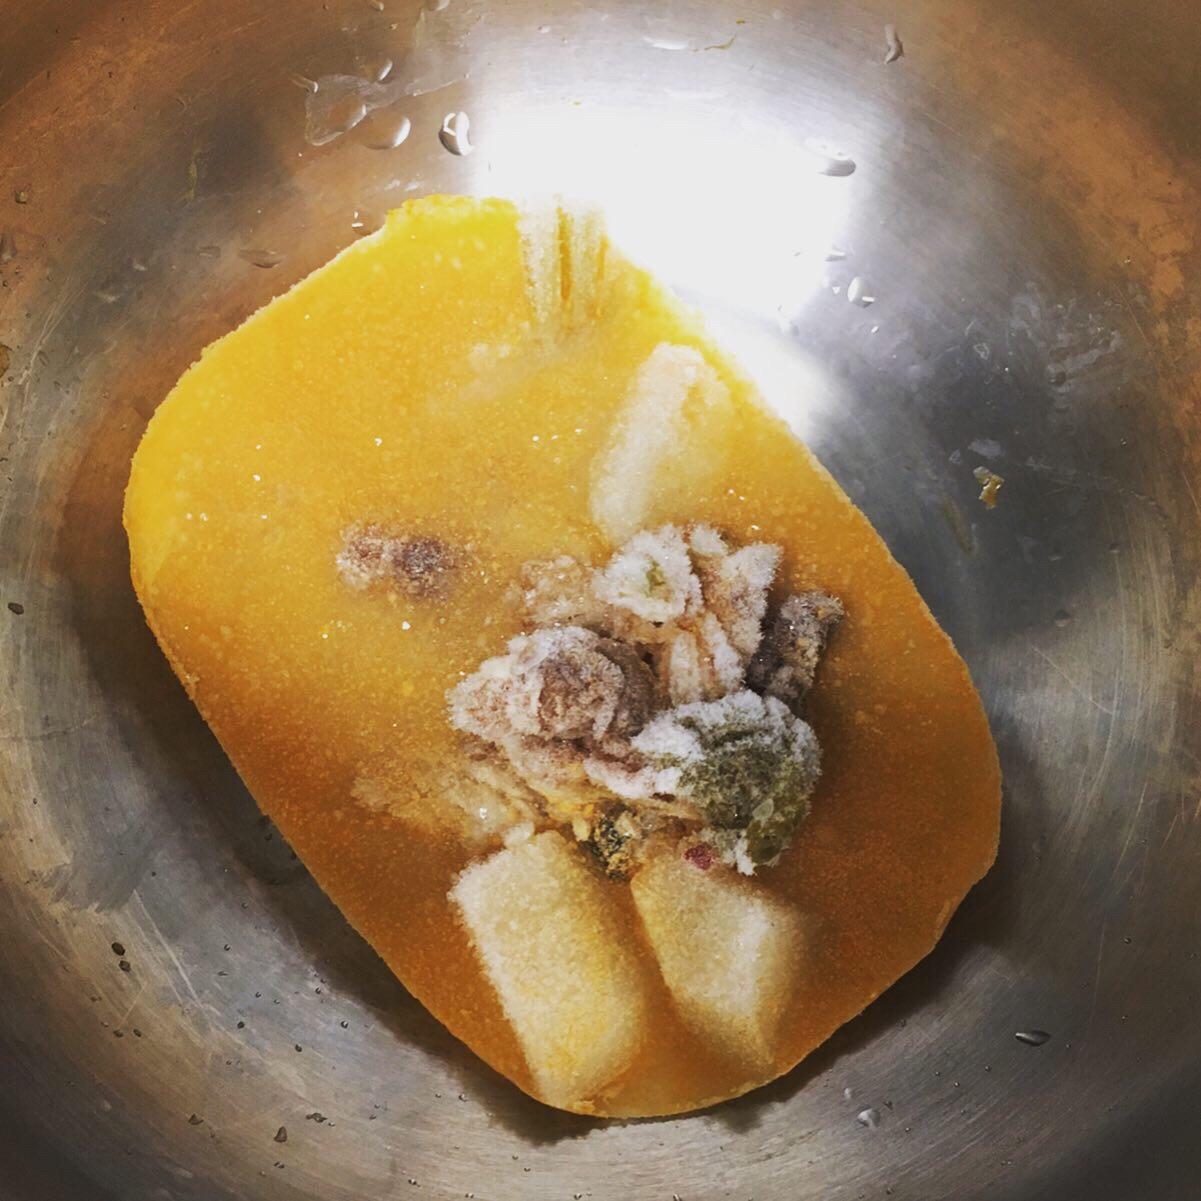 ホットクックで冷凍スープ温め直し加熱前